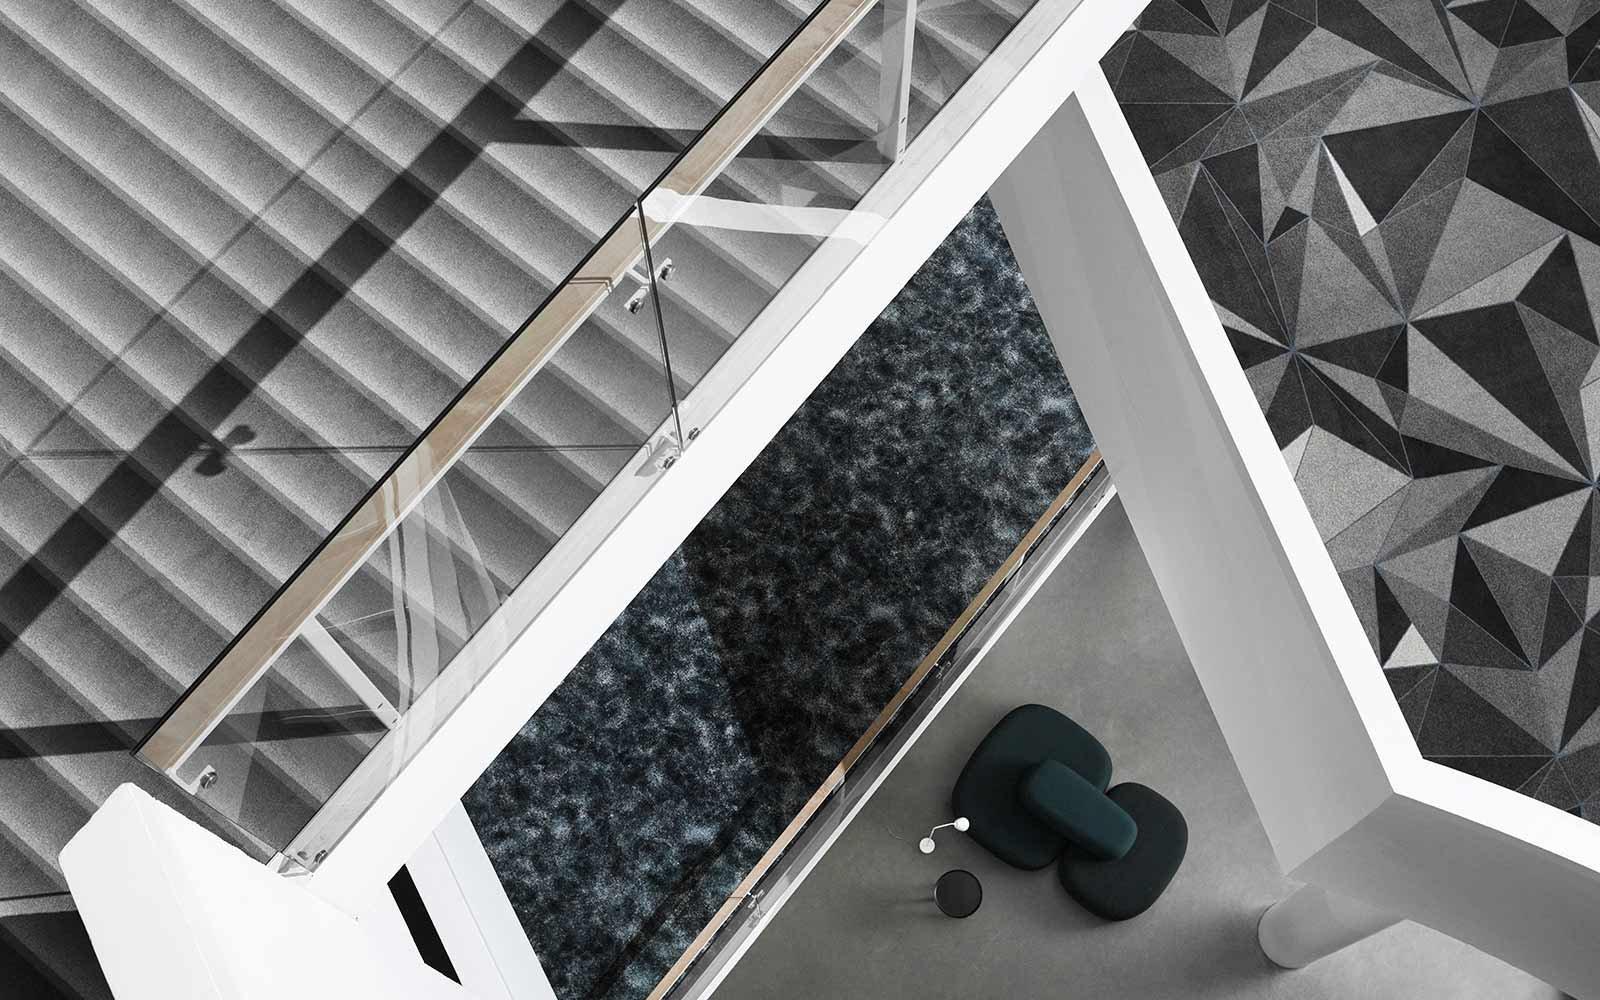 Teppich in Grautönen inspiriert von Beton, Glas und Metall